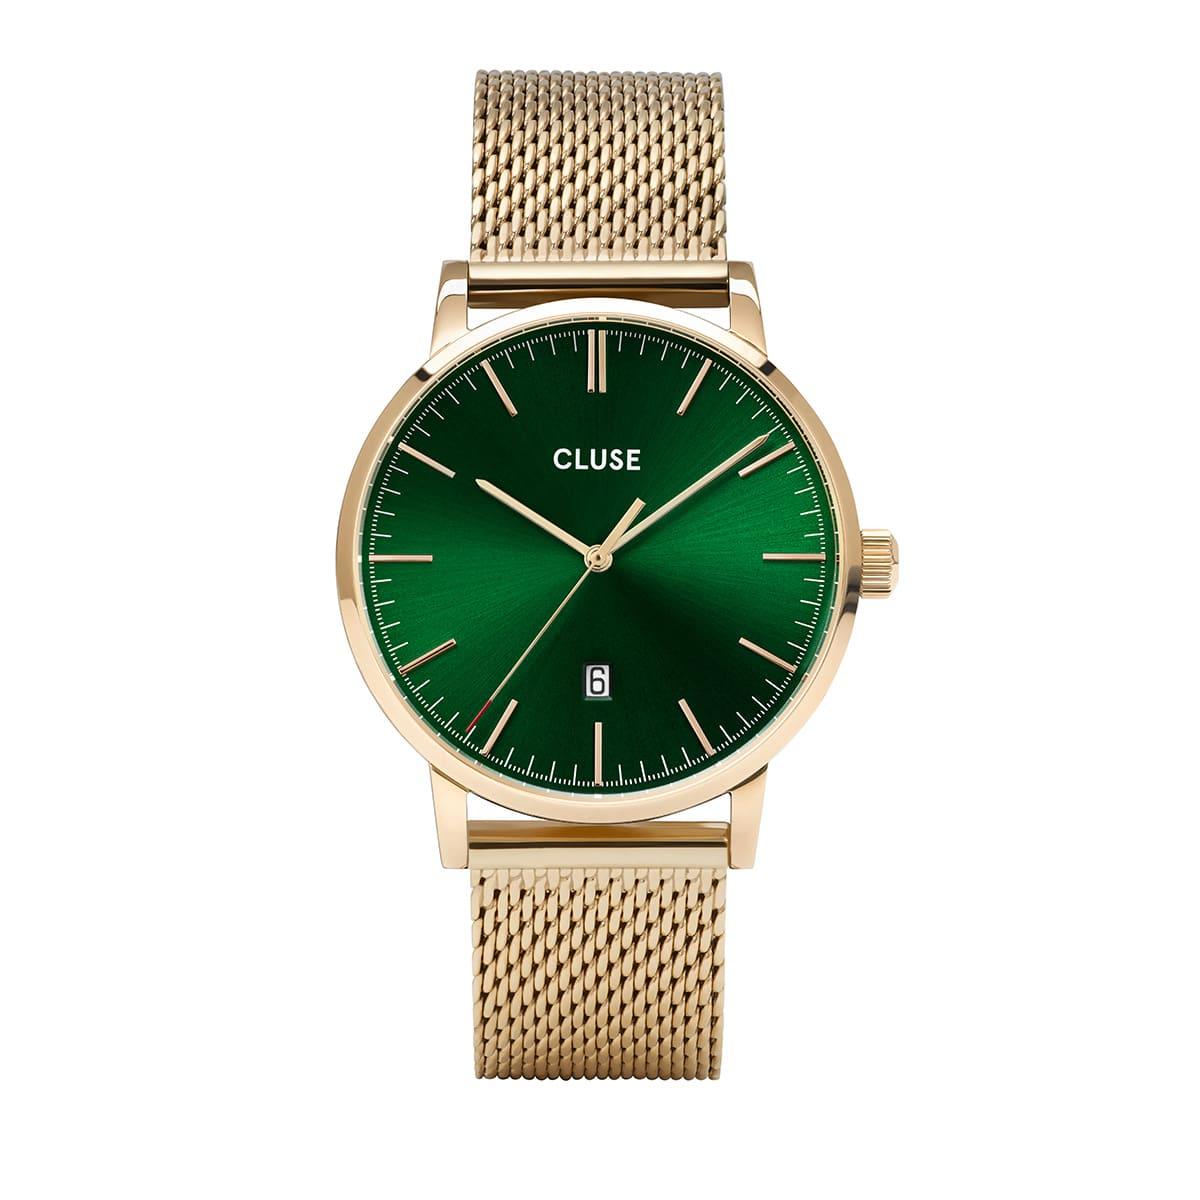 アラヴィス 40mm メンズ CLUSE クルース 腕時計